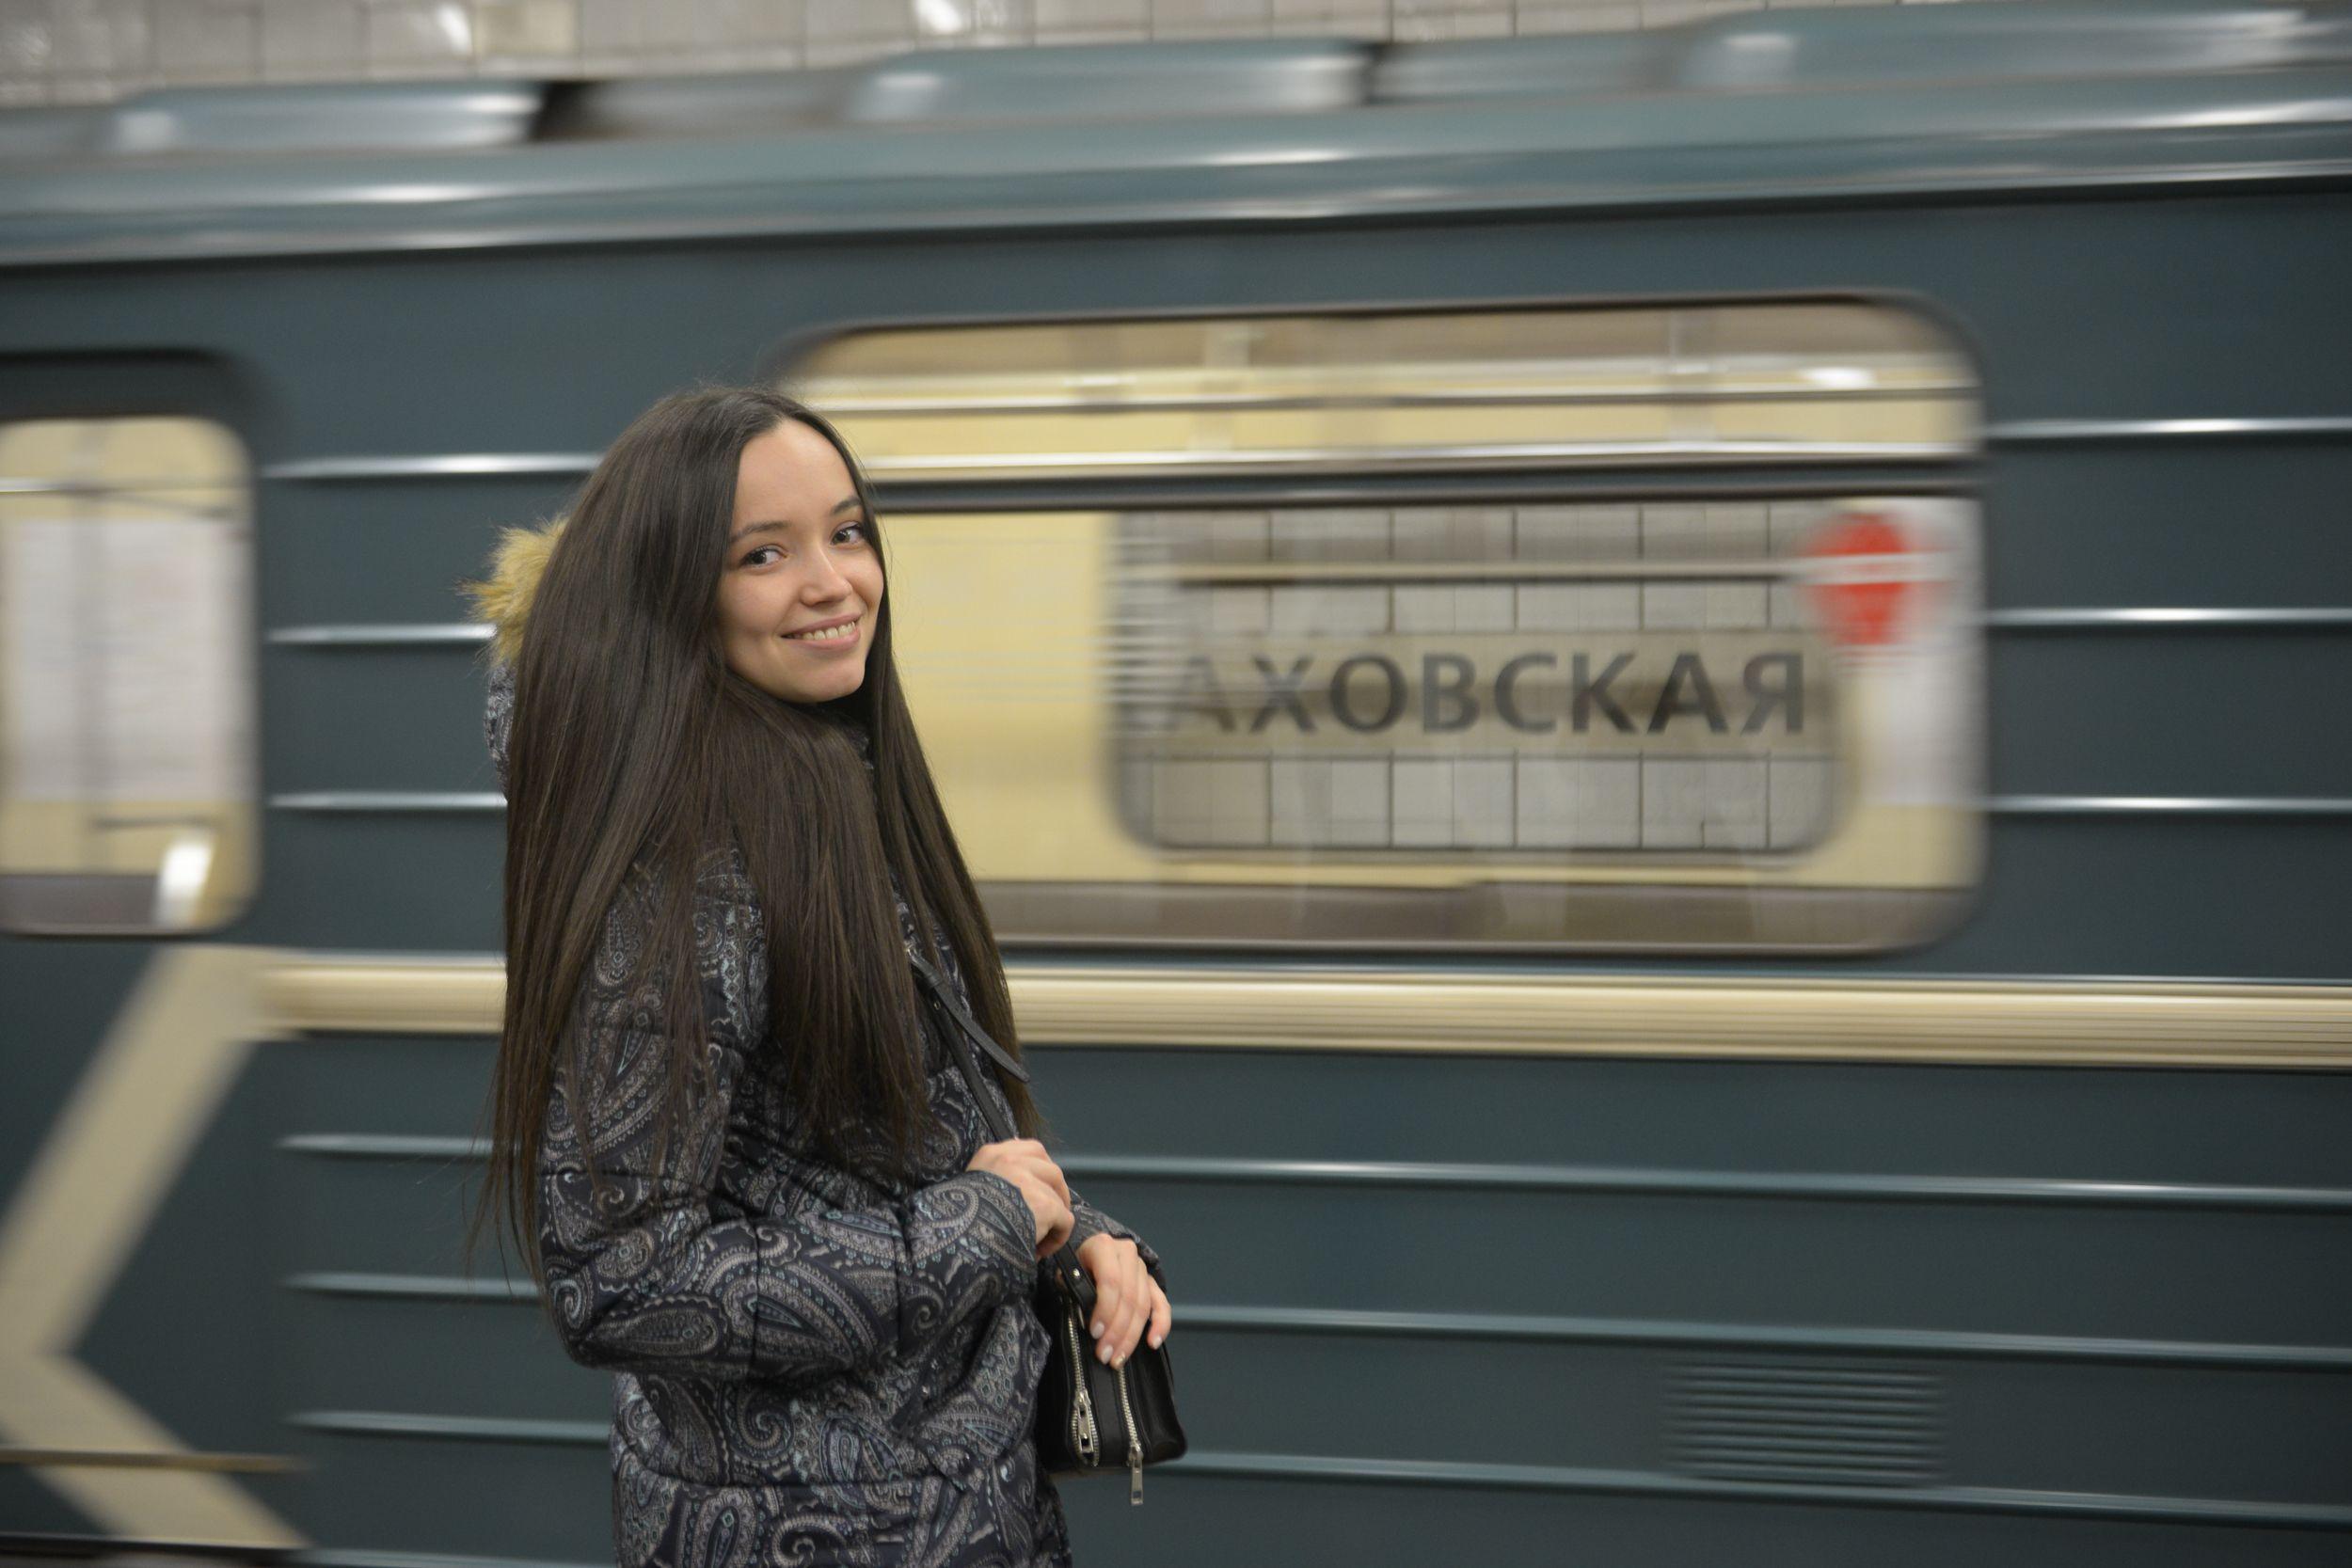 Каховская линия метро станет частью БКЛ